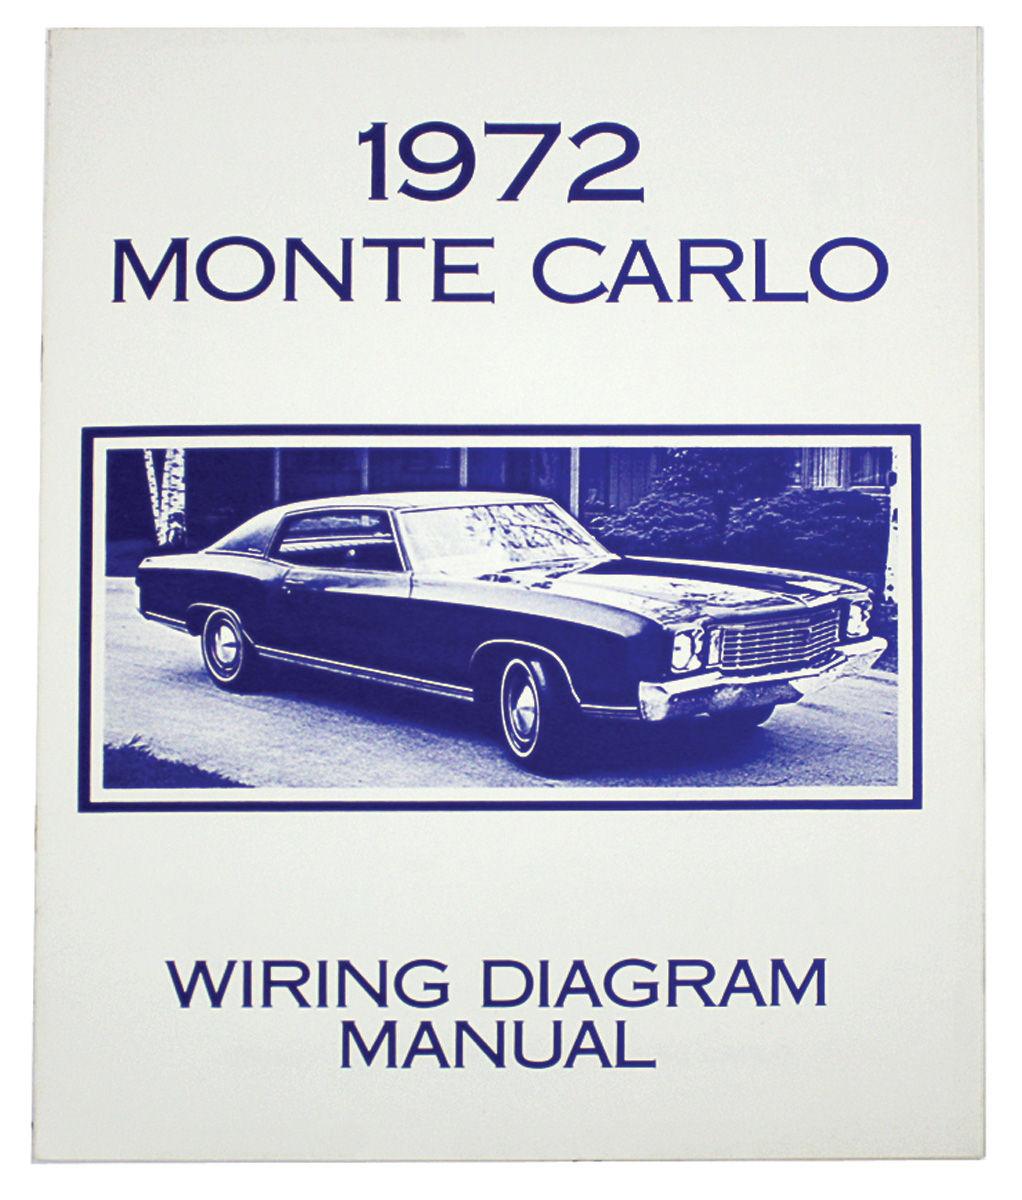 small resolution of monte carlo wiring diagram manuals opgi com rh opgi com 1972 chevy blazer wiring diagram 1996 chevy monte carlo